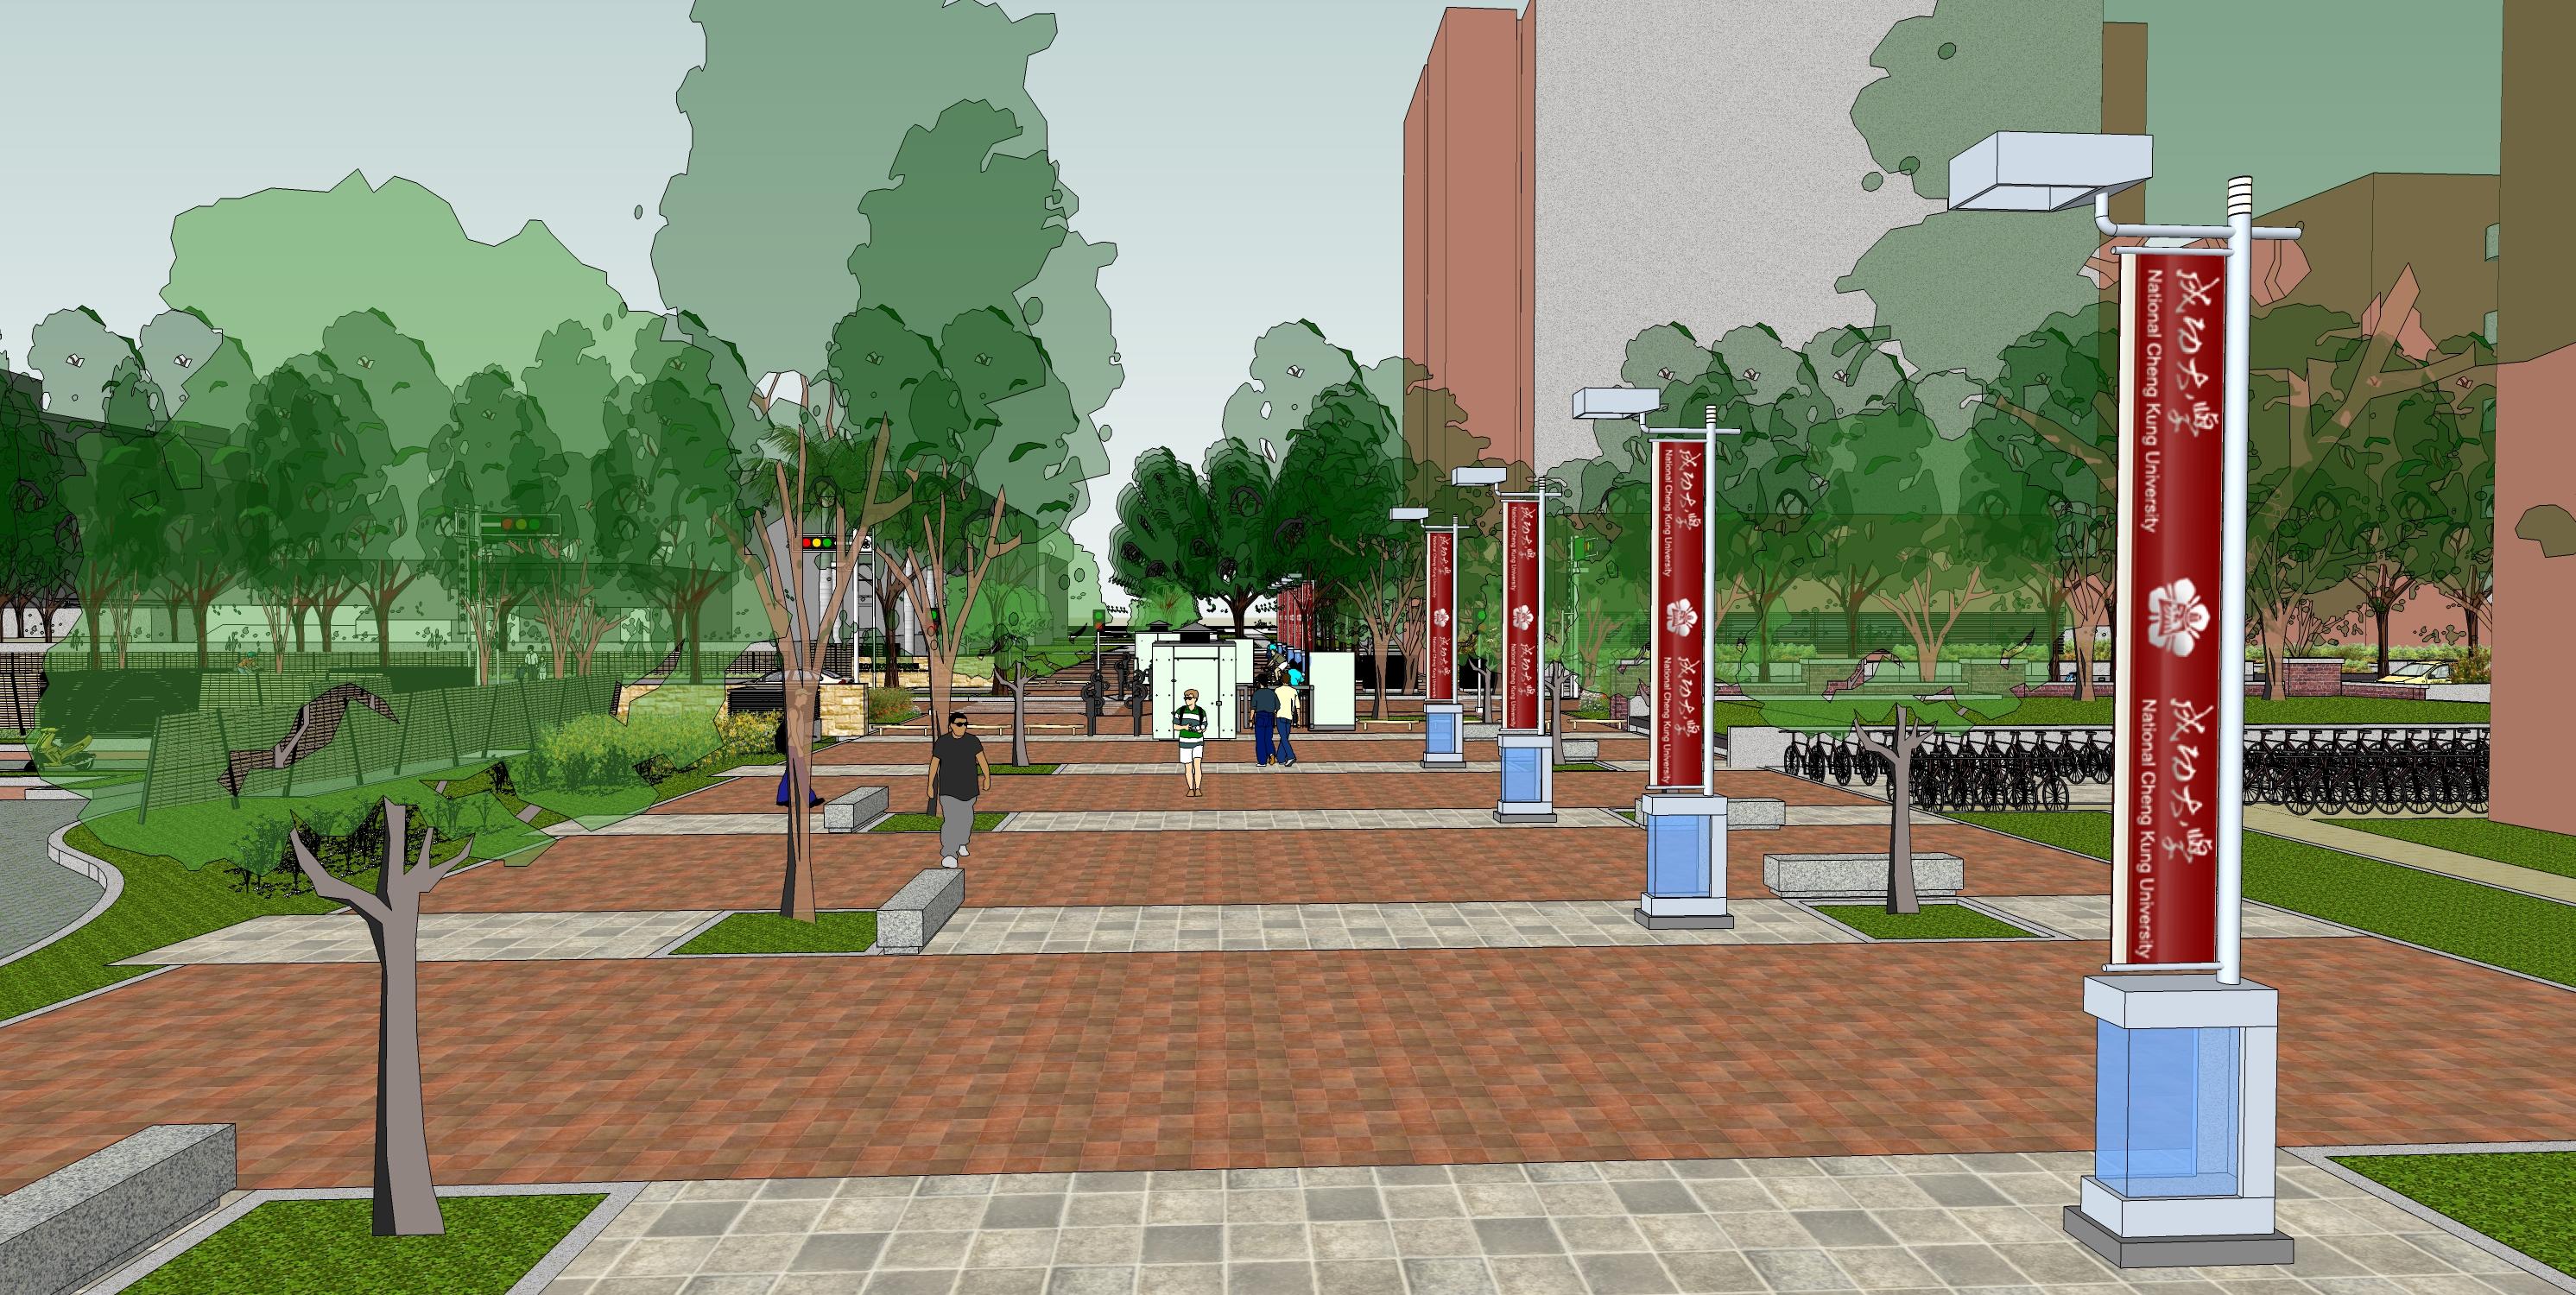 增添府城綠意 營造府城風貌-成大勝利綠廊景觀改善工程通過都市設計審議  1